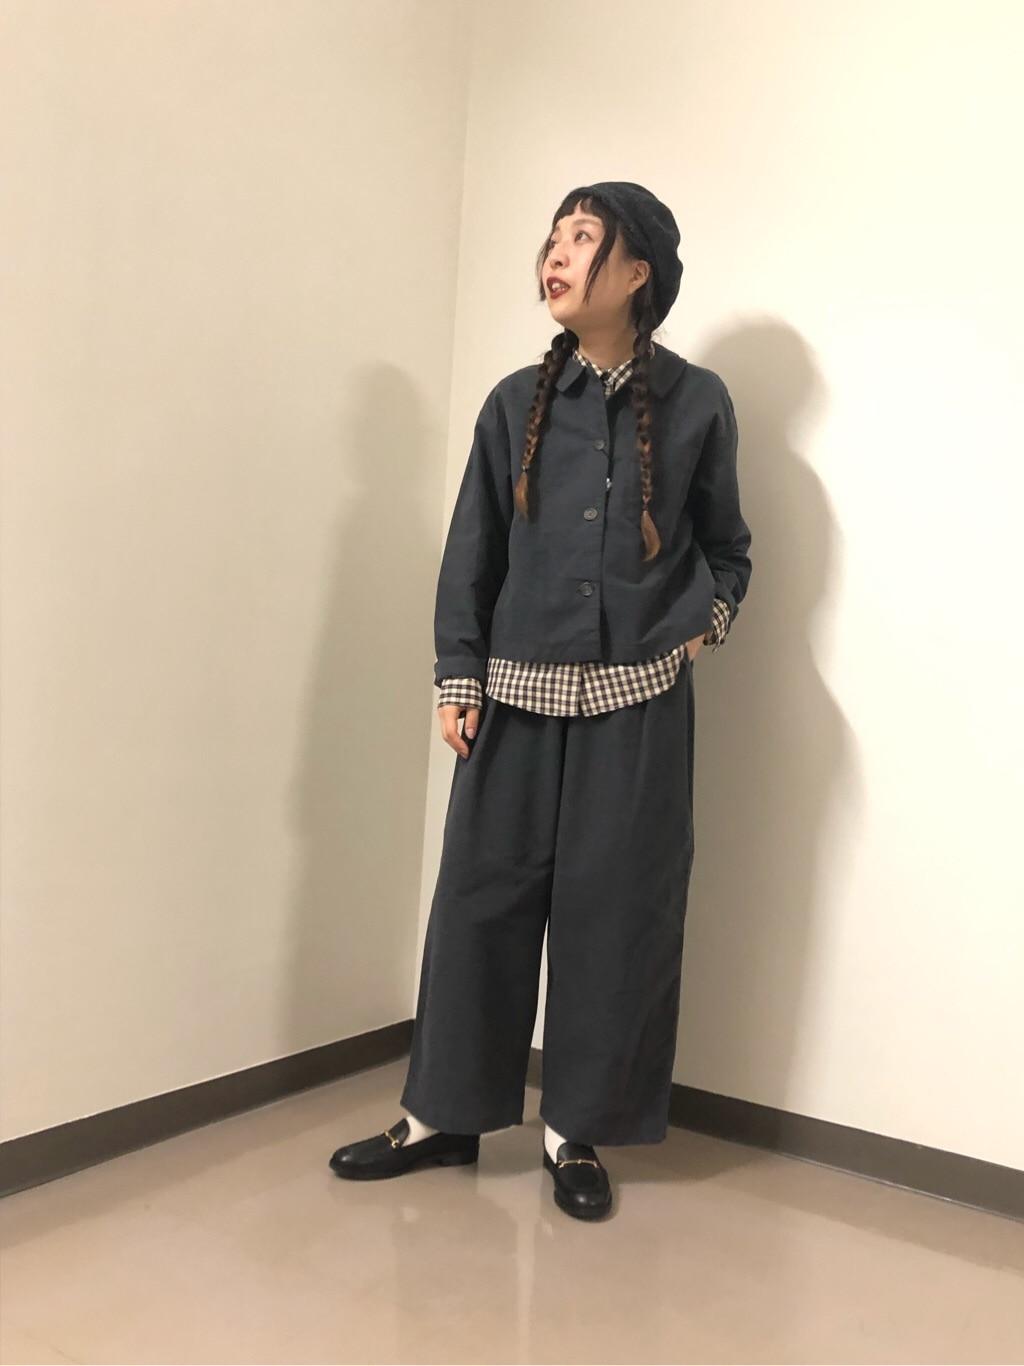 bulle de savon アトレ川崎 身長:153cm 2019.10.09